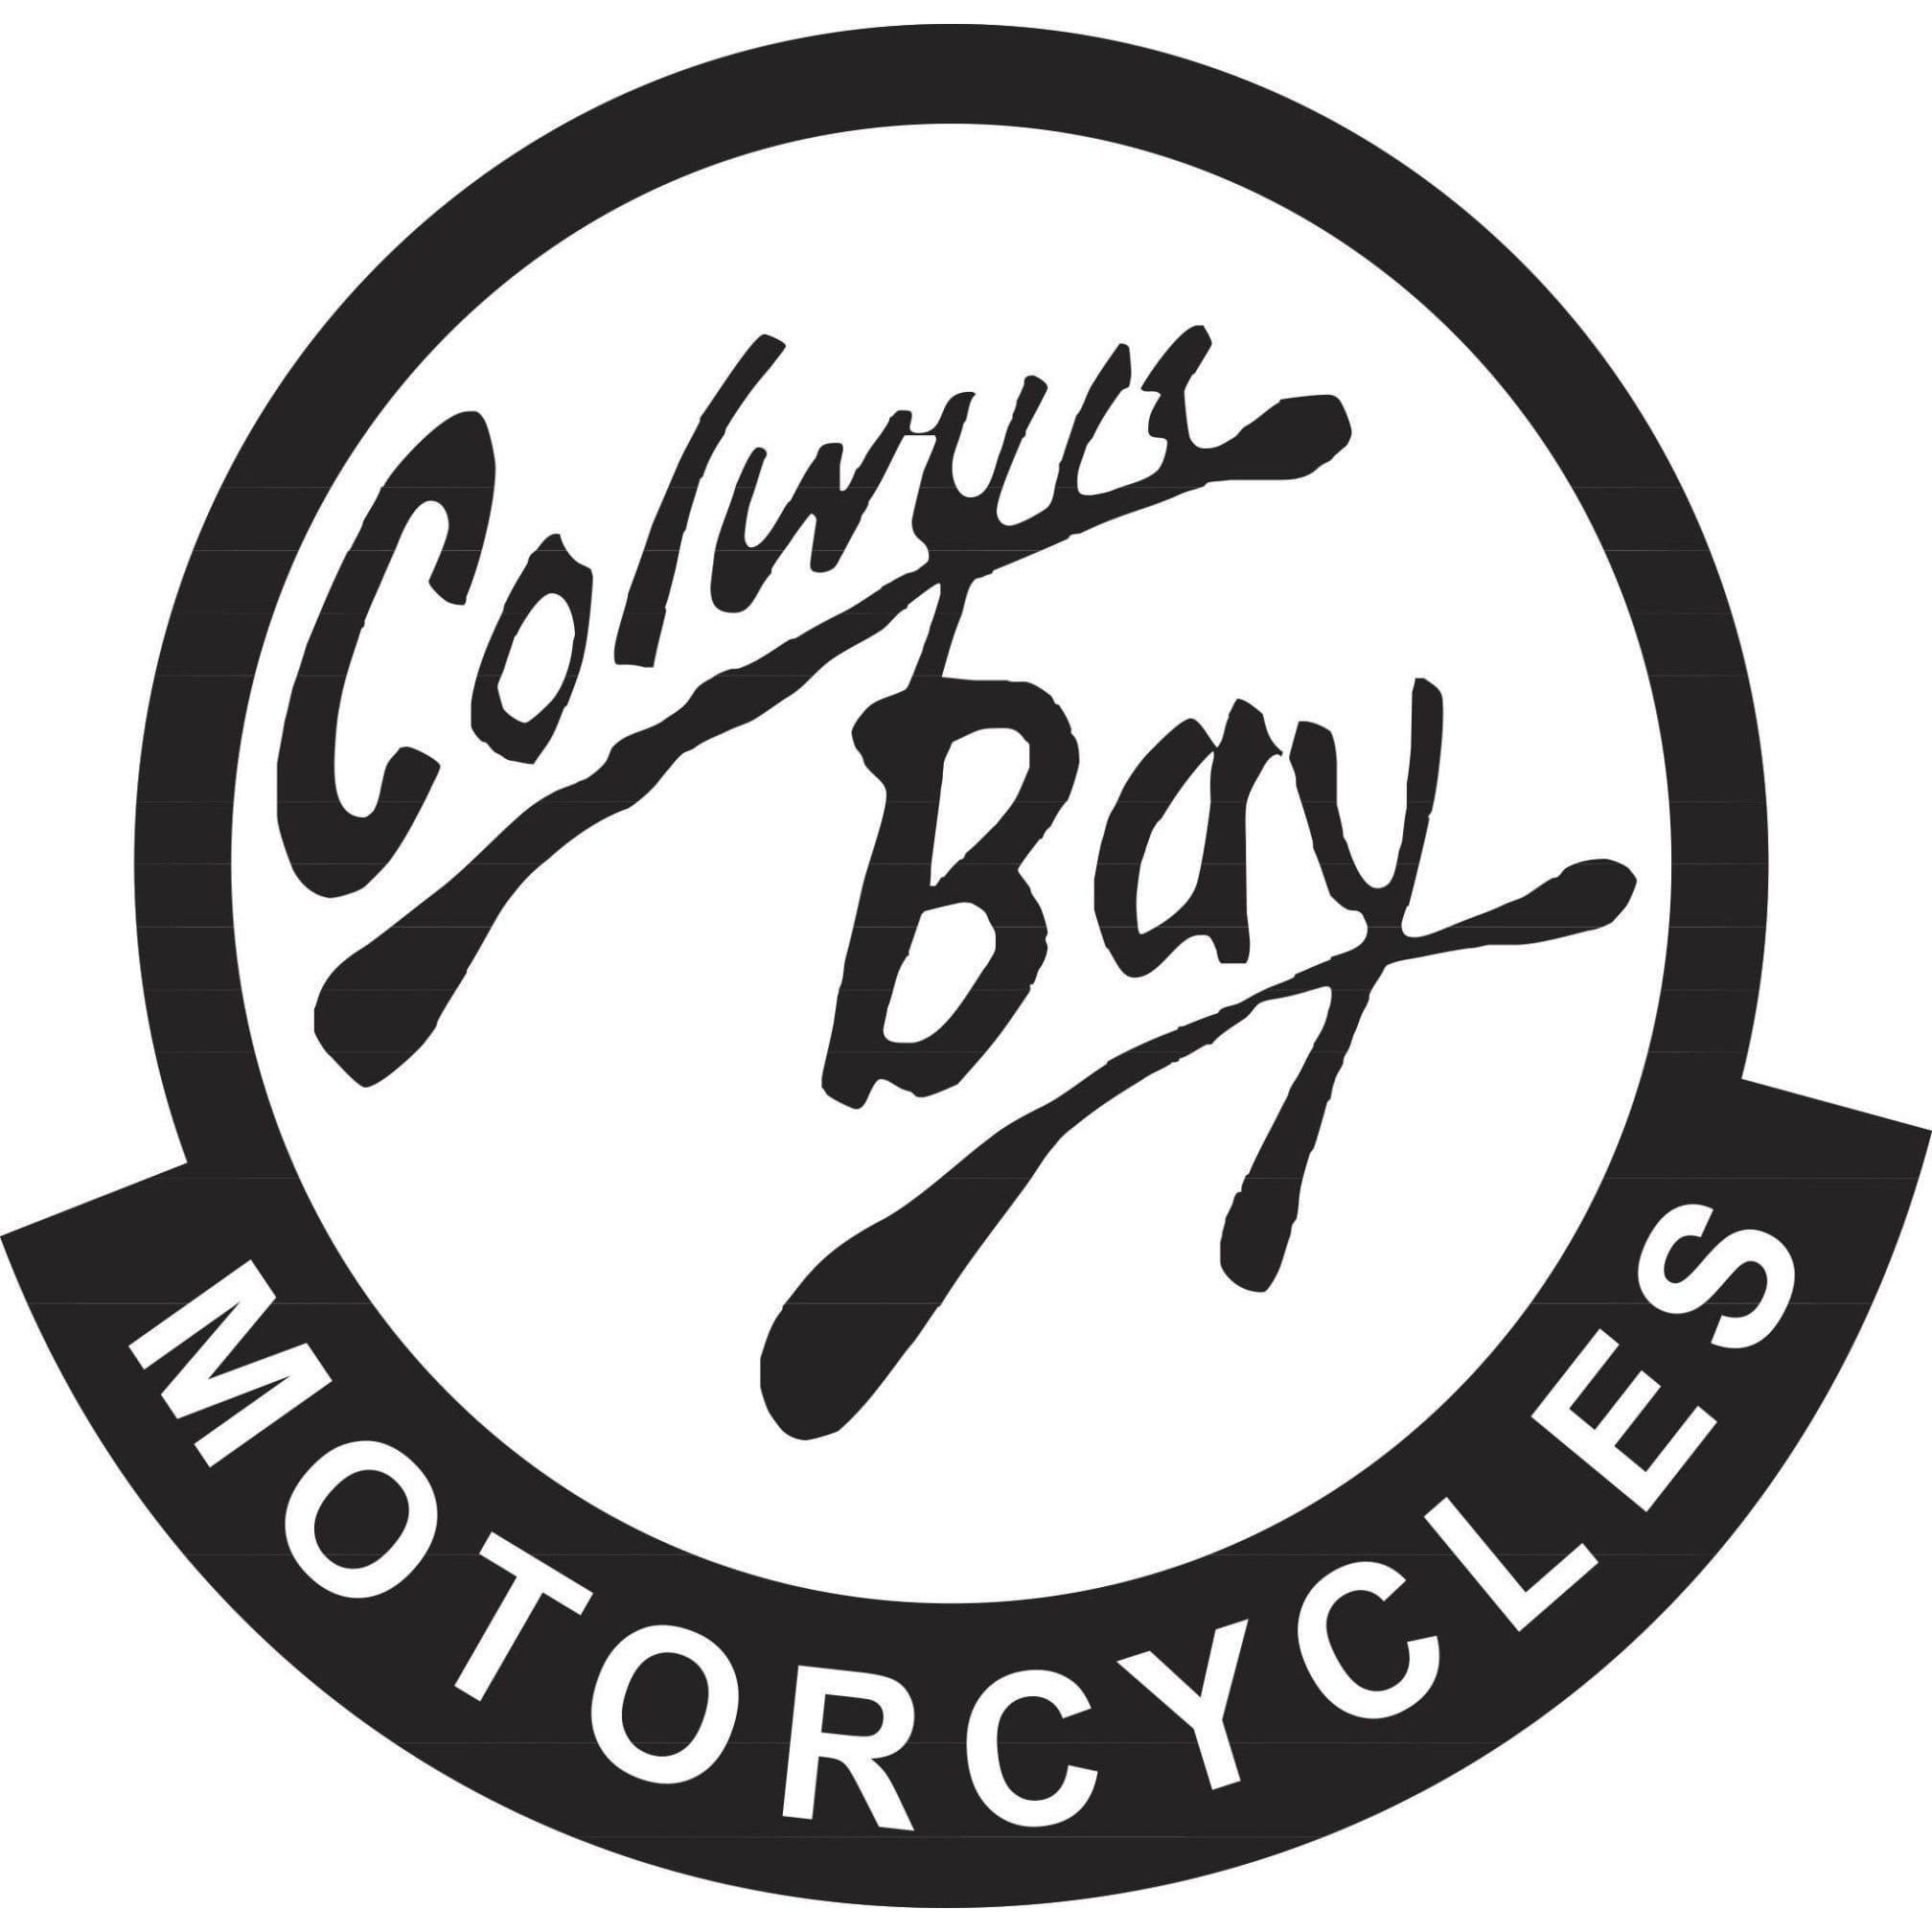 Colwyn Bay Motorcycles Ltd - Colwyn Bay, Gwynedd LL29 8PU - 01492 535959 | ShowMeLocal.com